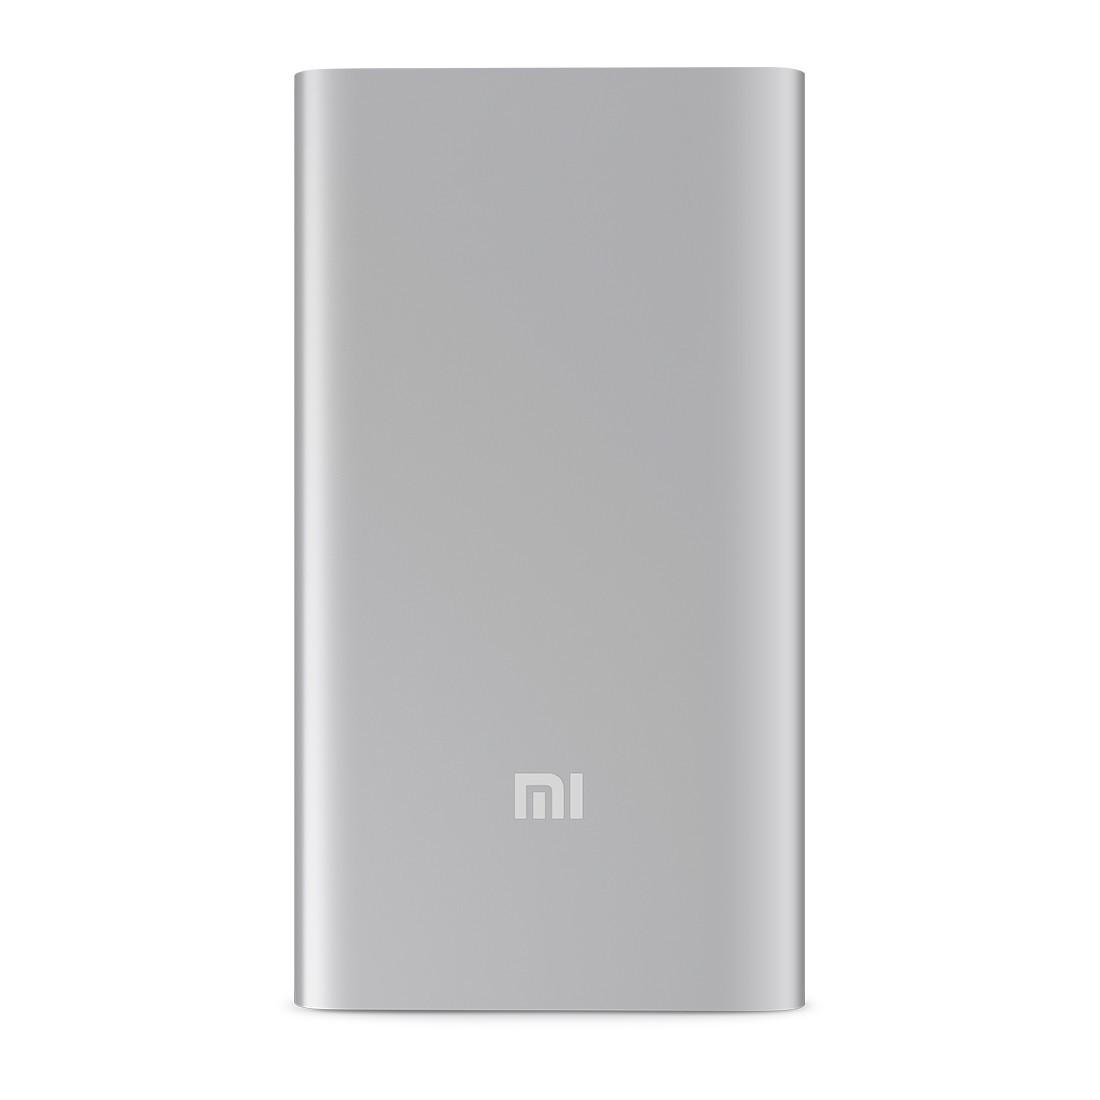 Портативное зарядное устройство, Xiaomi, Mi Power Bank NDY-02-AM (VXN4096GL) 5000 mAh, Выход USB: 1*